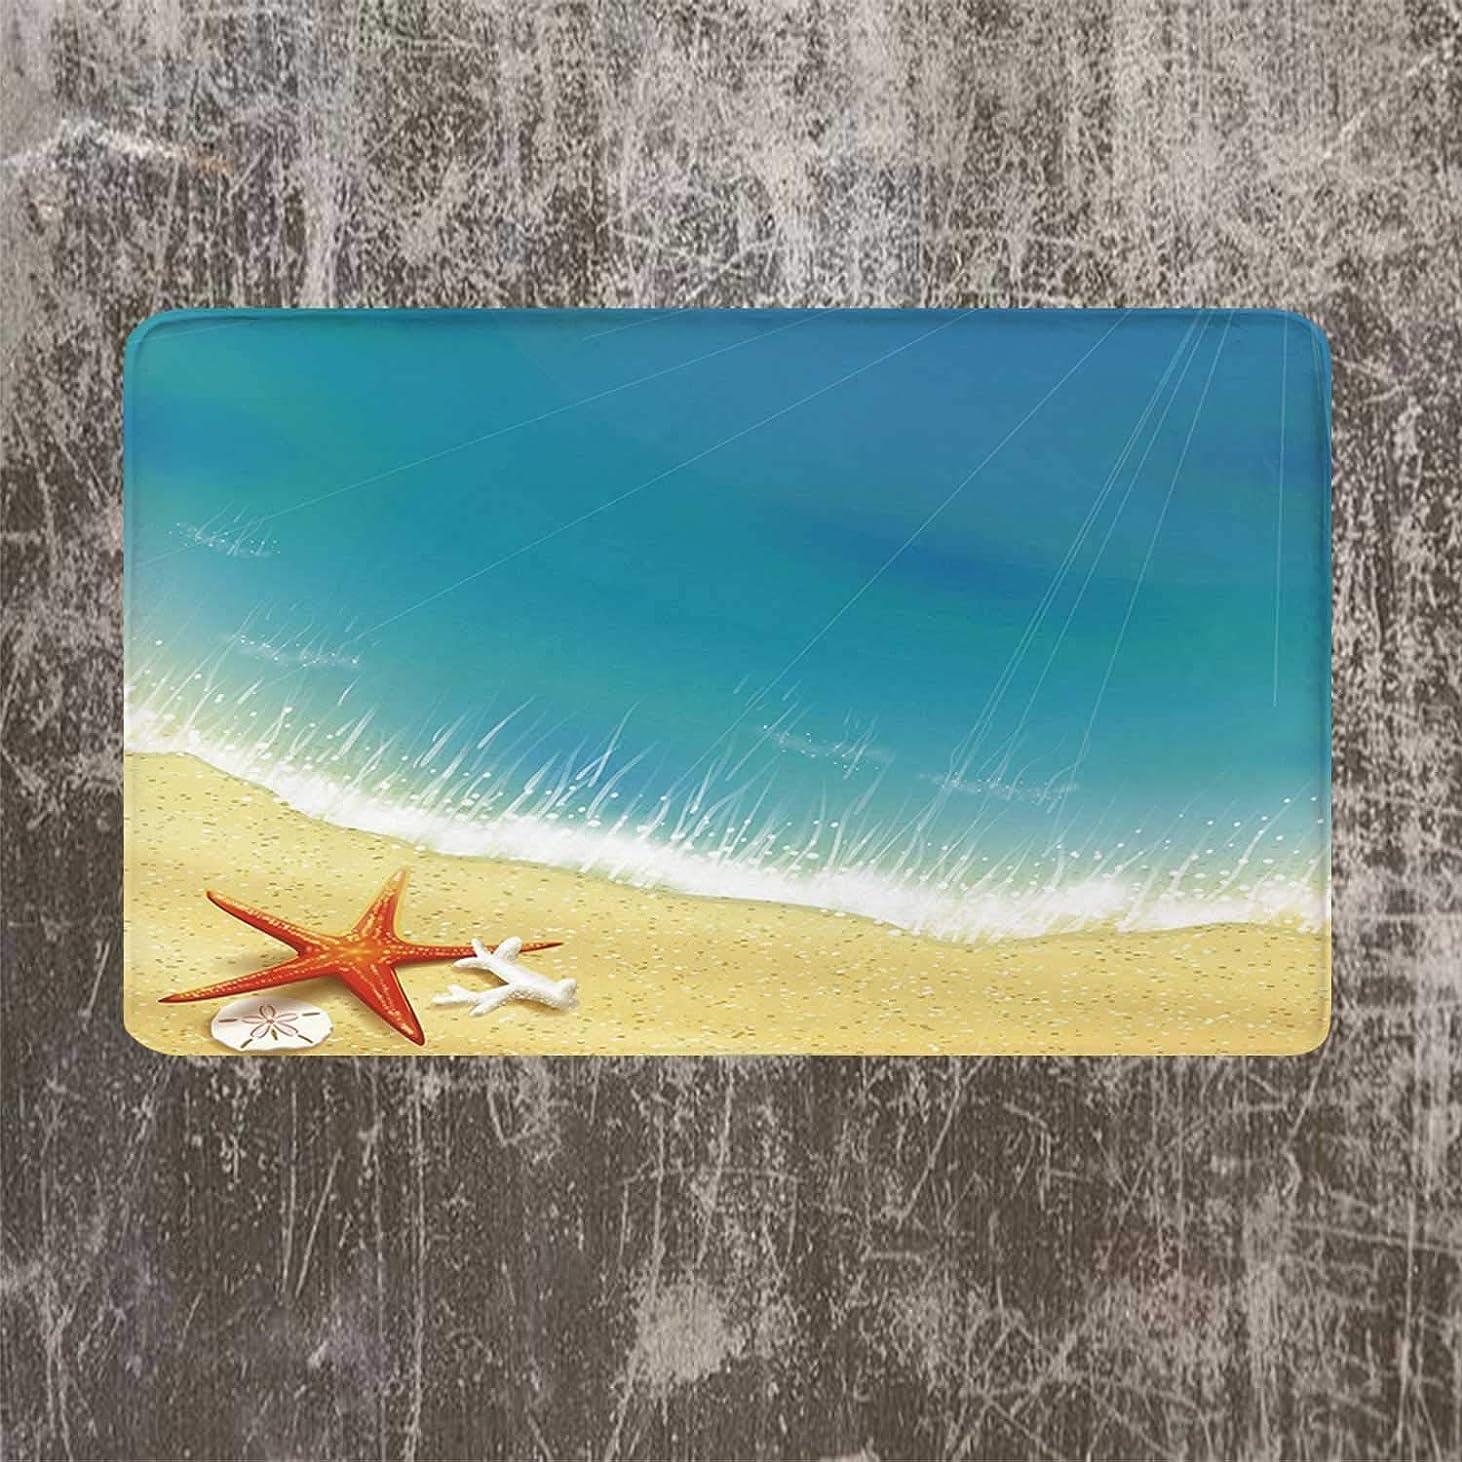 考古学的な送信するパントリーヒトデの装飾のソフトドアマット、砂浜の海岸ビューの波寝室のカリブ海パラダイス夏イラスト